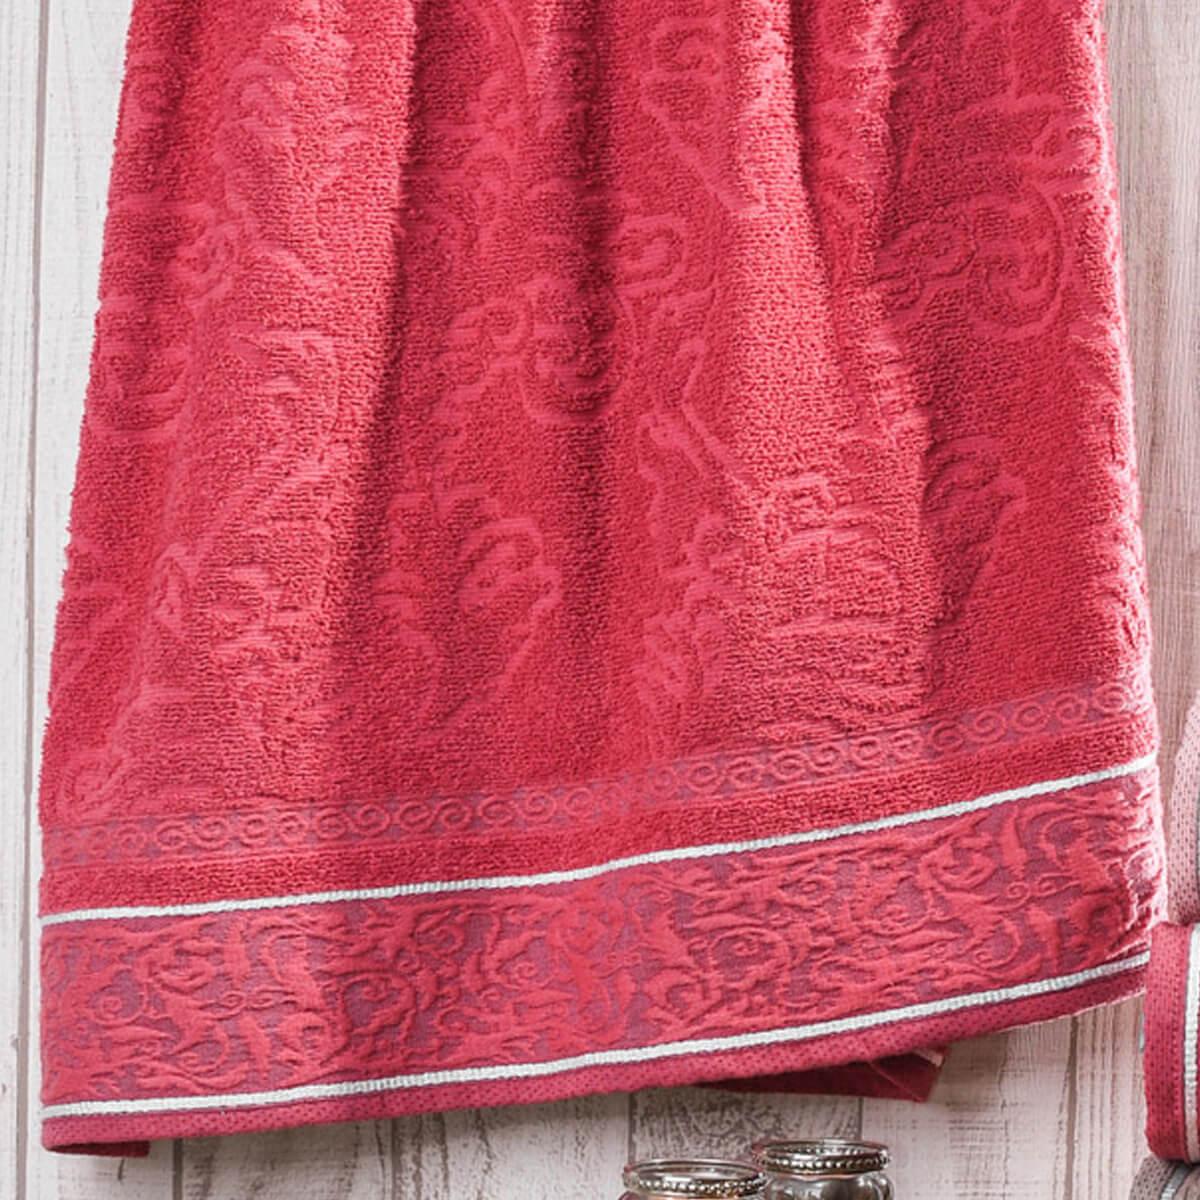 Toalha de Banho Felpuda Verona Vermelha